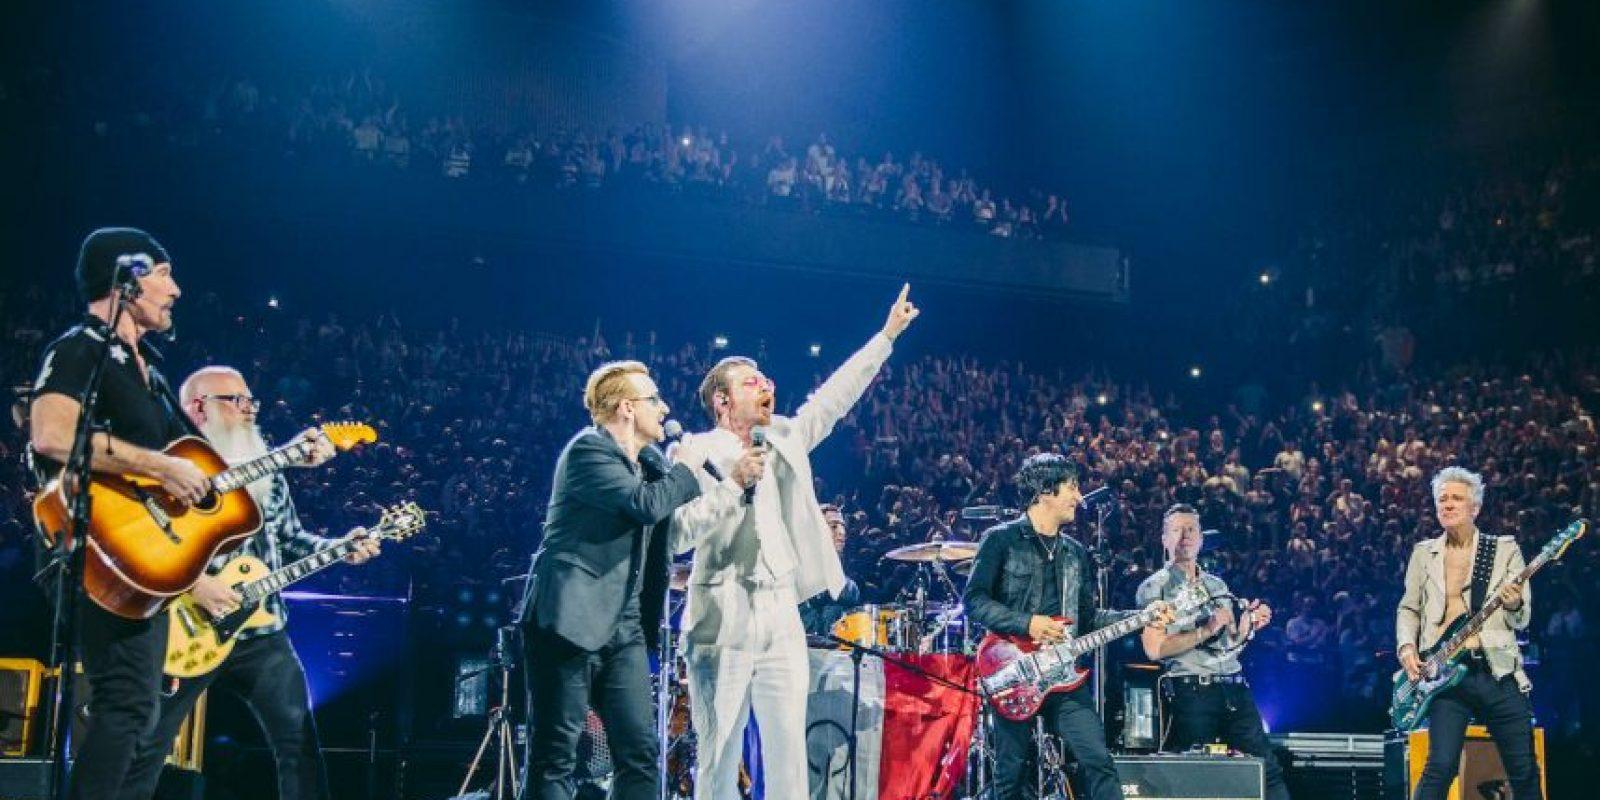 El grupo Eagles of Death Metal y Bono rinden homenaje a las víctimas de los atentados terroristas en París. Foto:AFP/ LIVENATION / DANNY NORTH